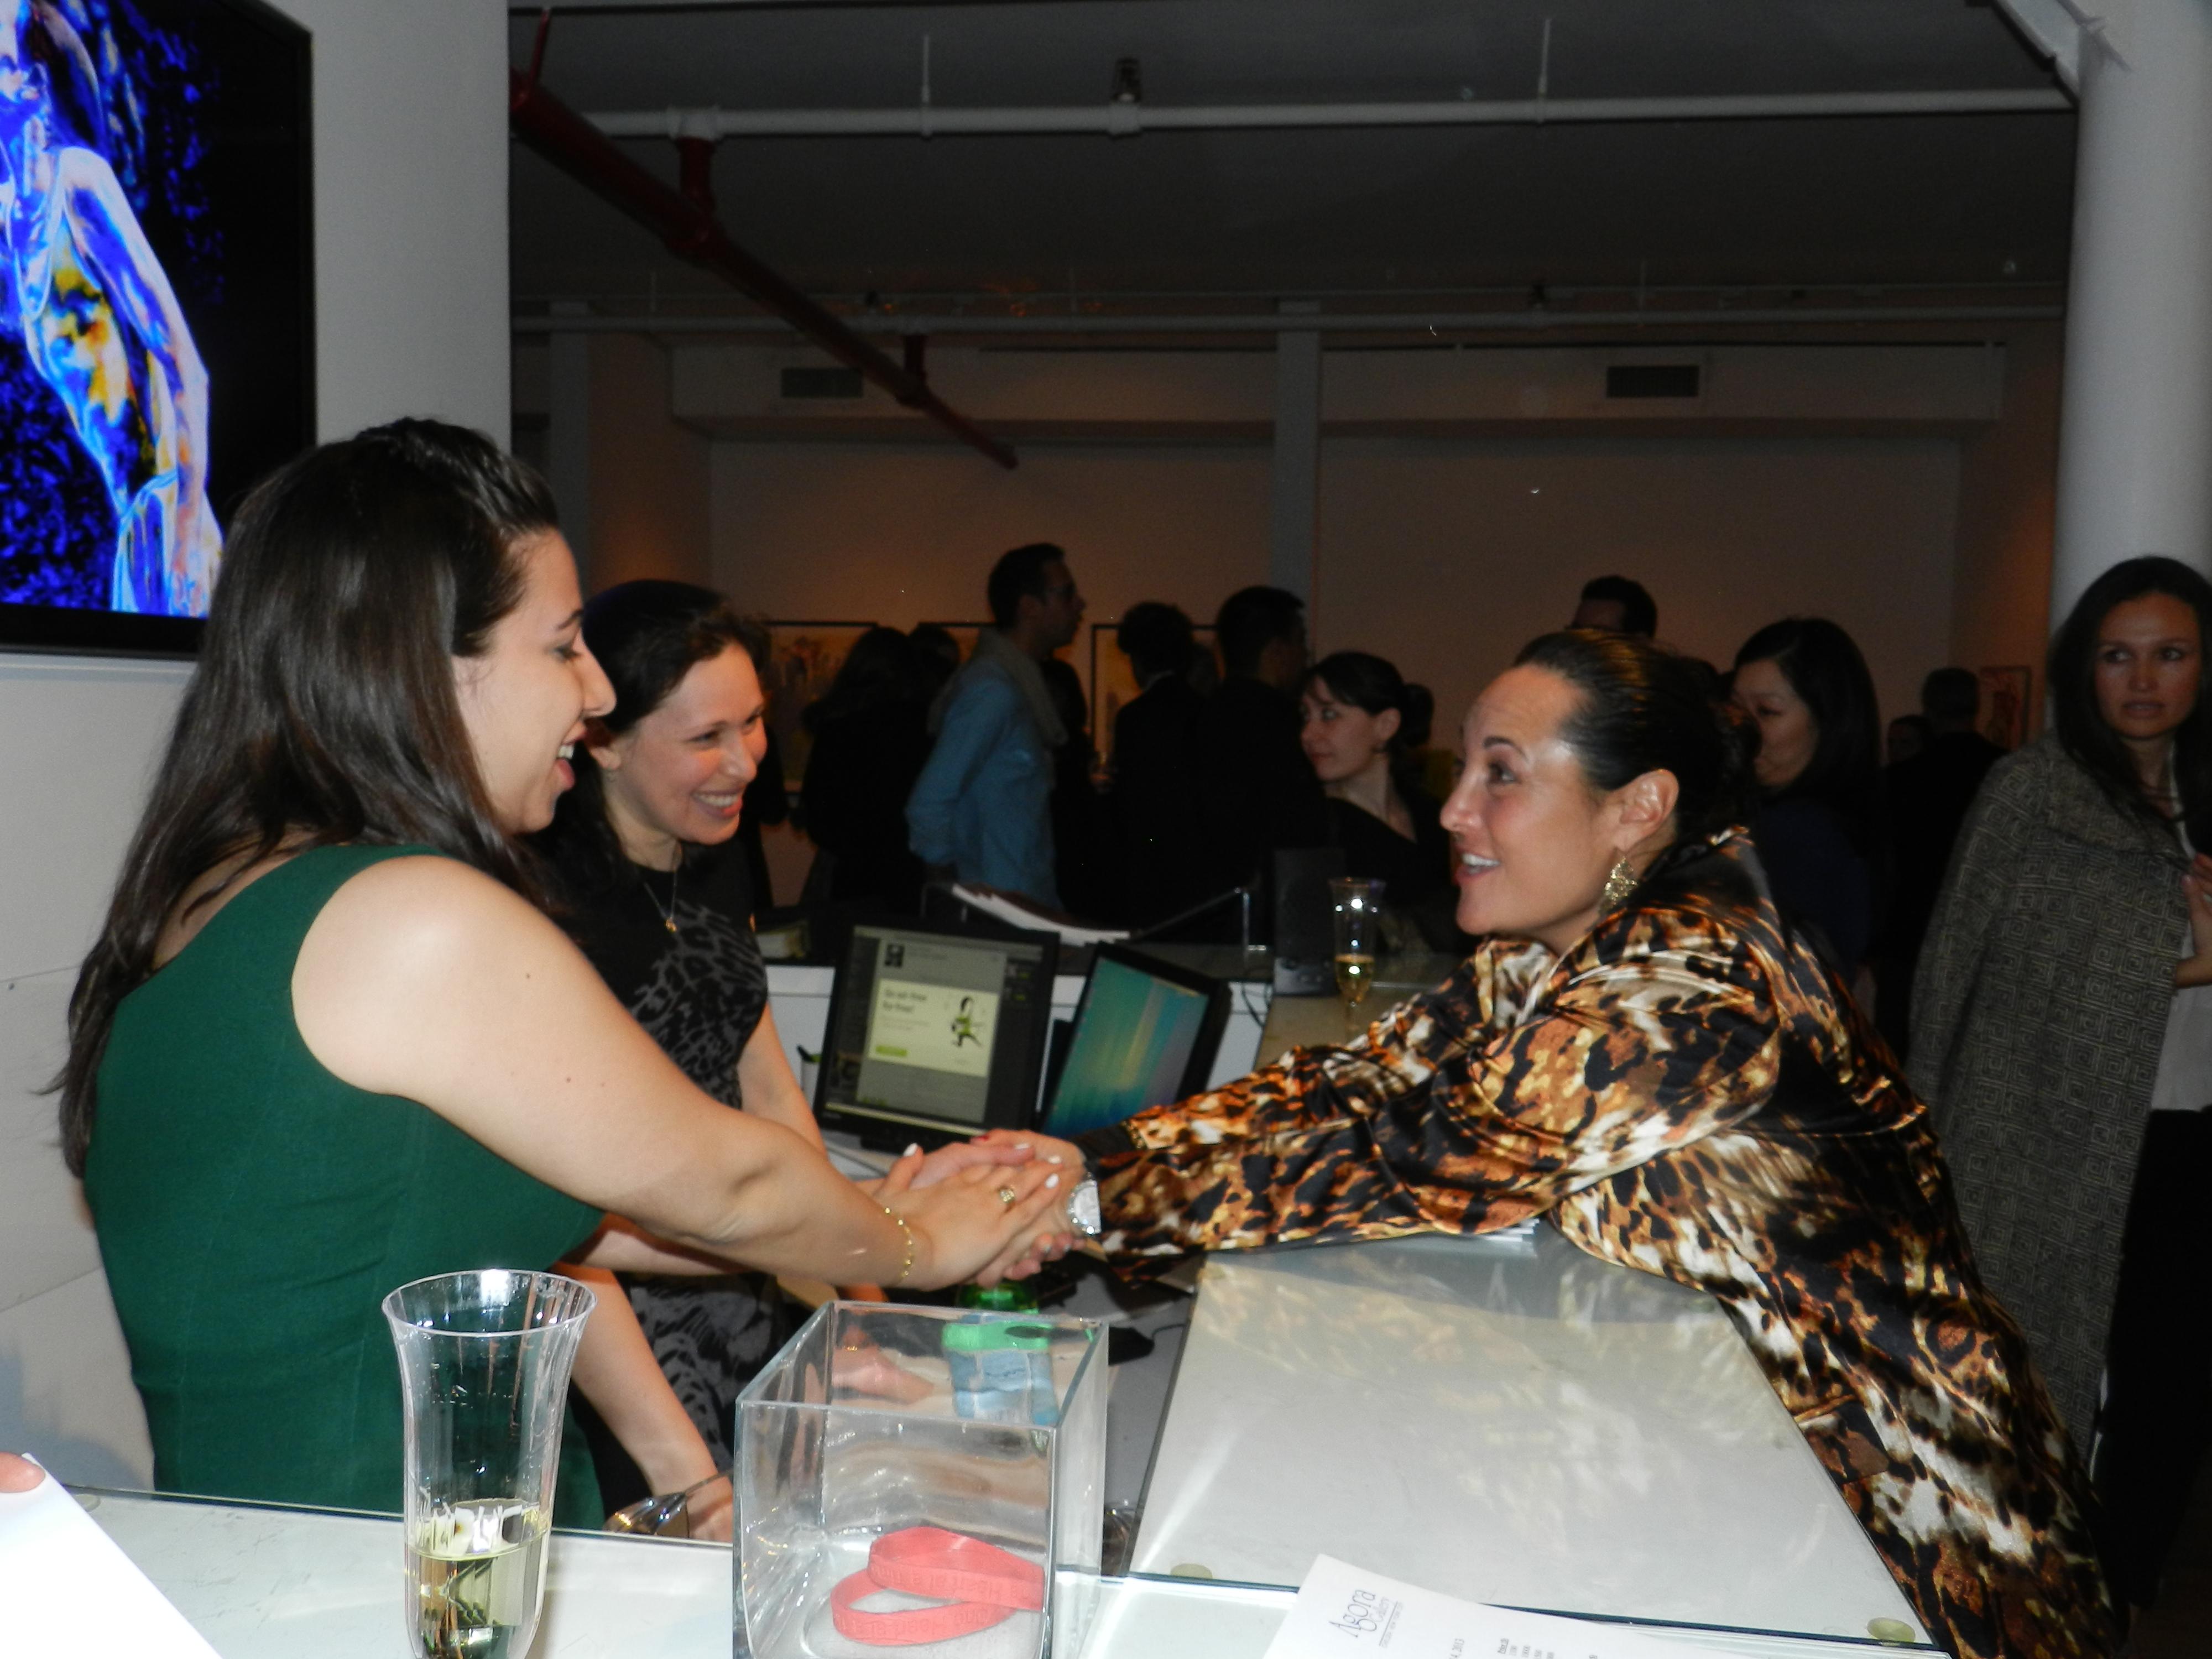 Lety+Herrera+At++Agora+Gallery+NYC+042